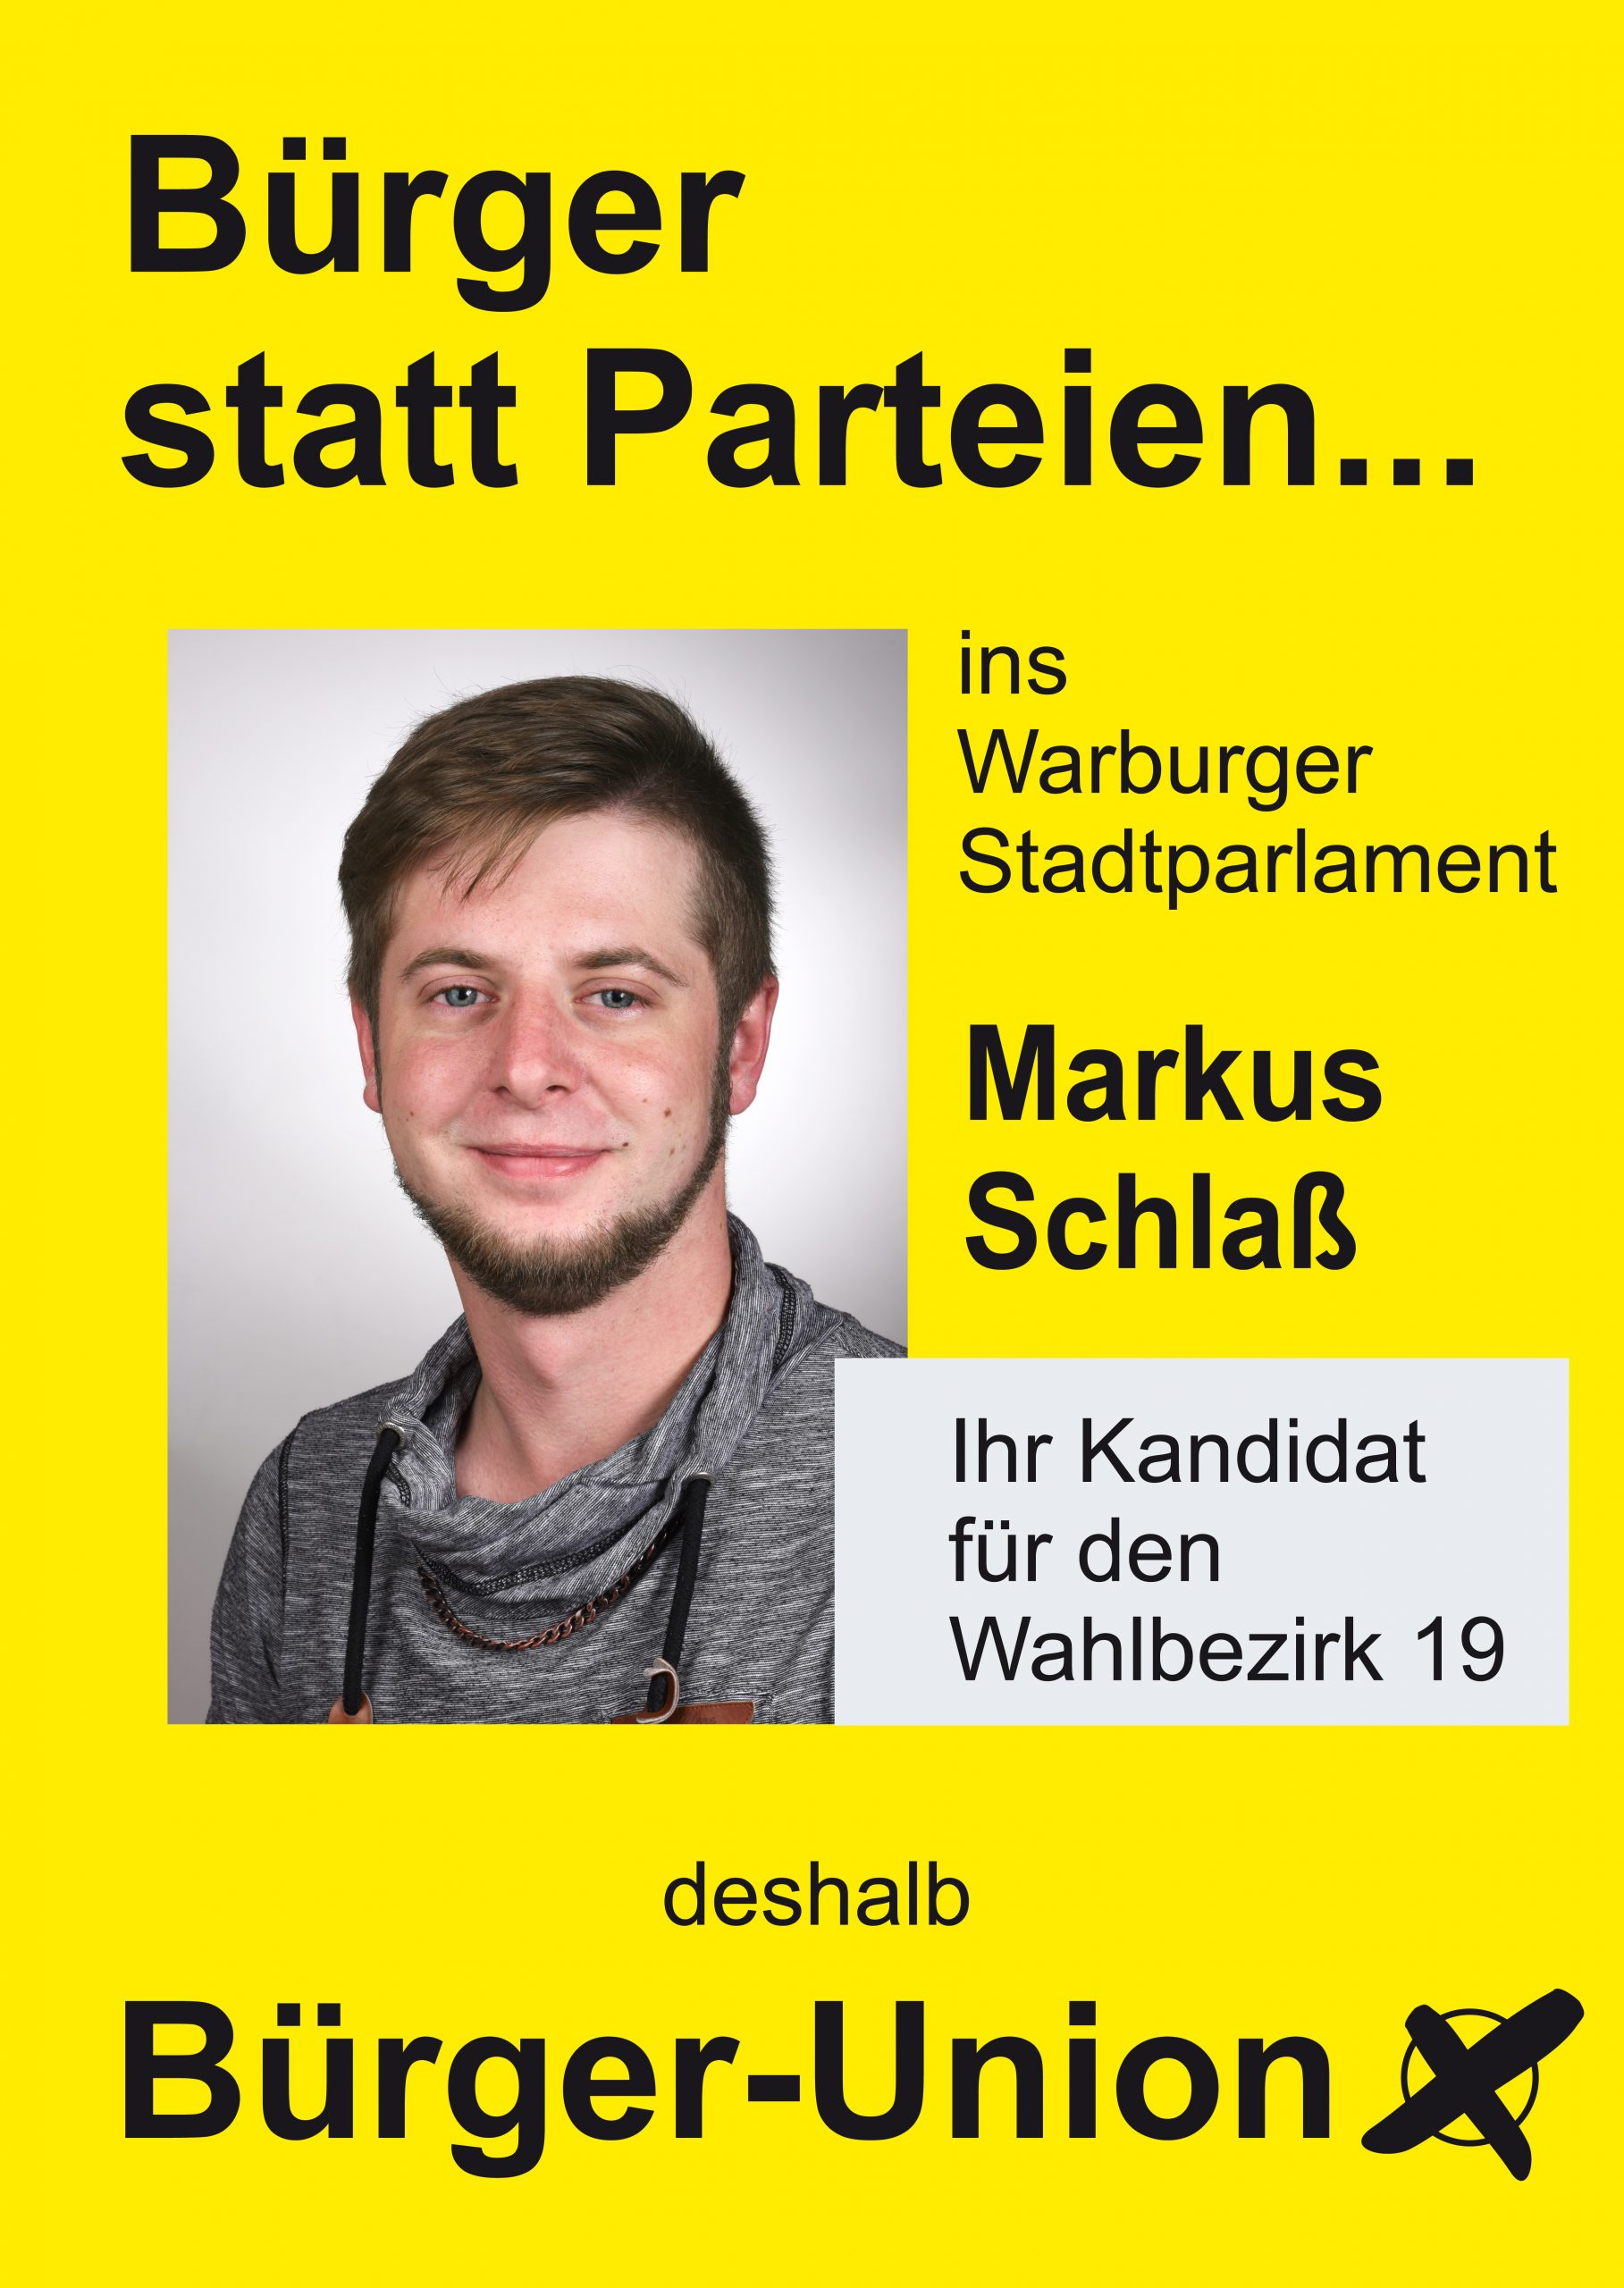 Markus Schlaß für Warburg Wahlbezirk 19